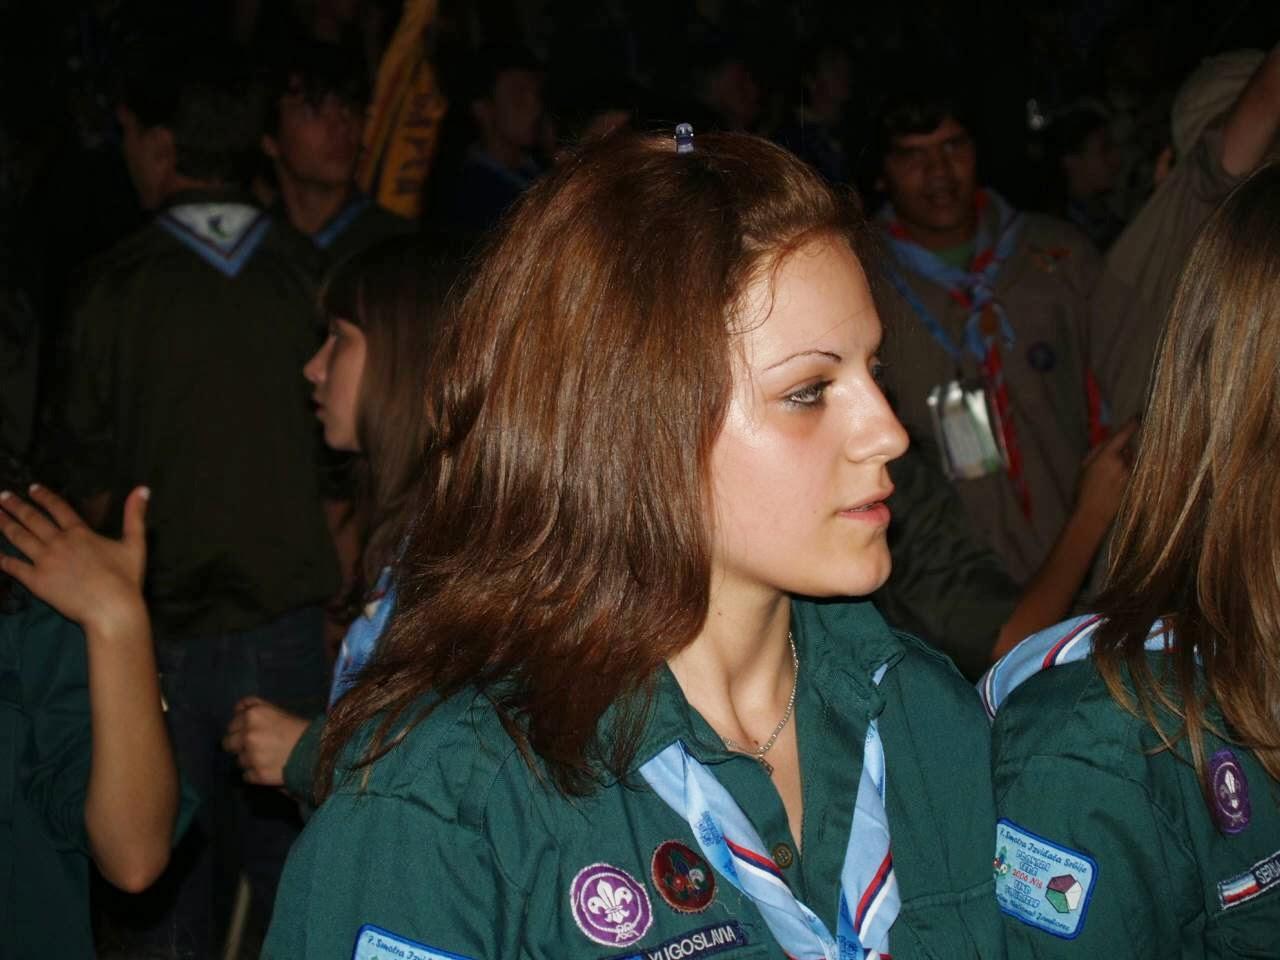 Smotra, Smotra 2006 - P0221007.JPG